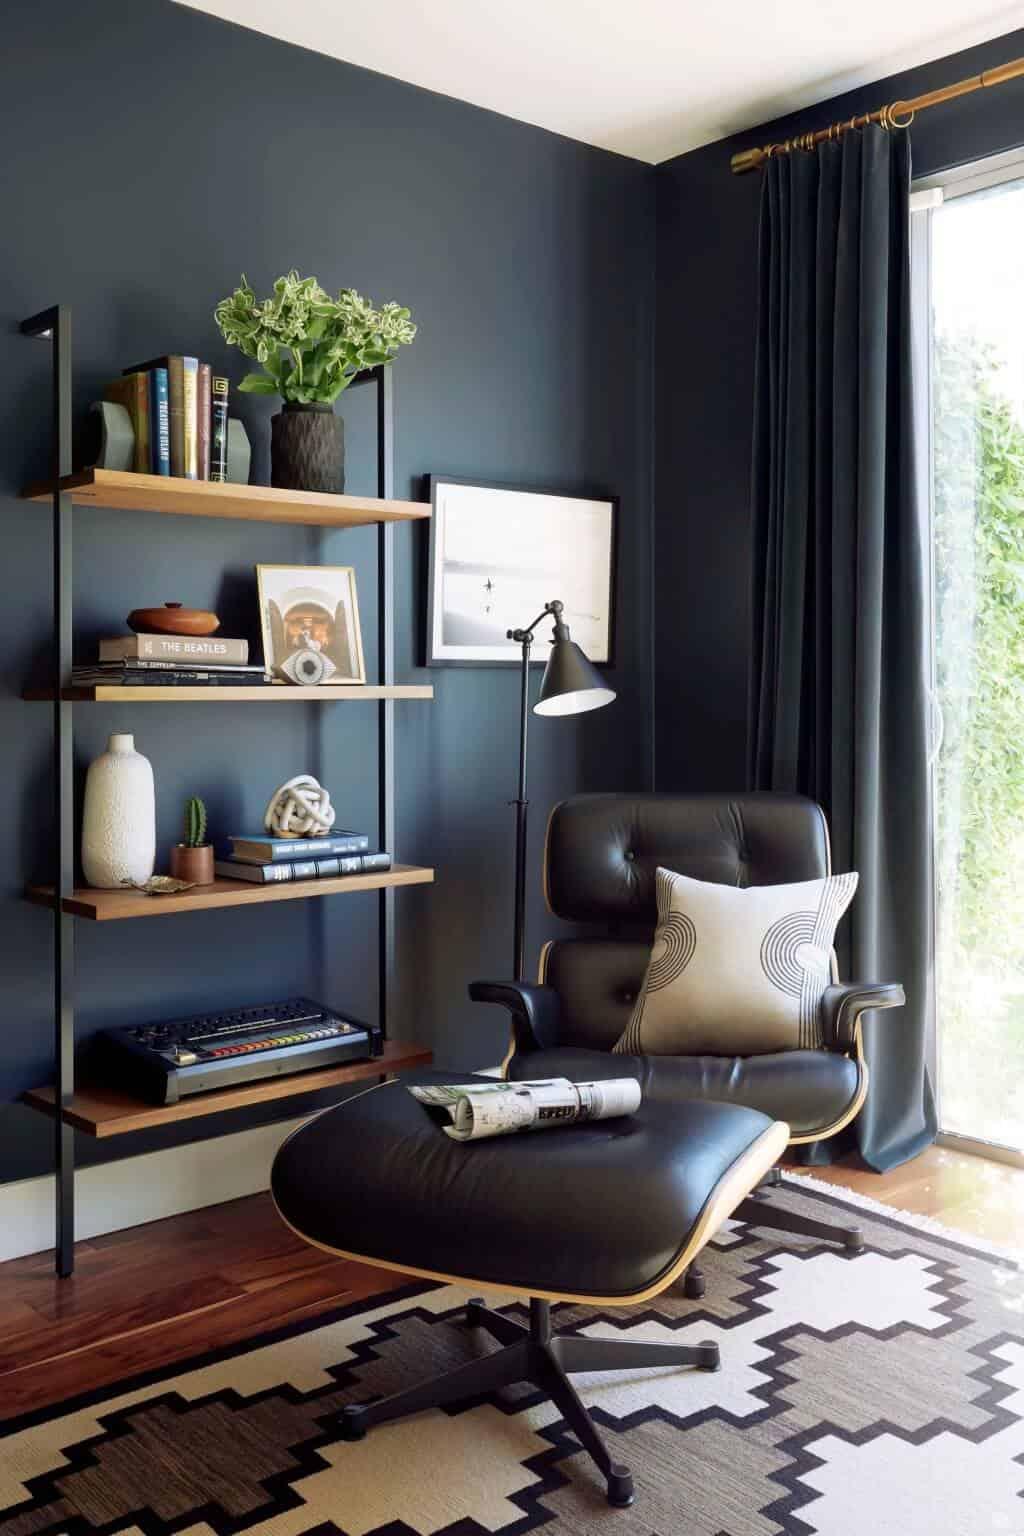 Mid century nooks mid century decor ideas my style vita - Mid century decorating ideas ...